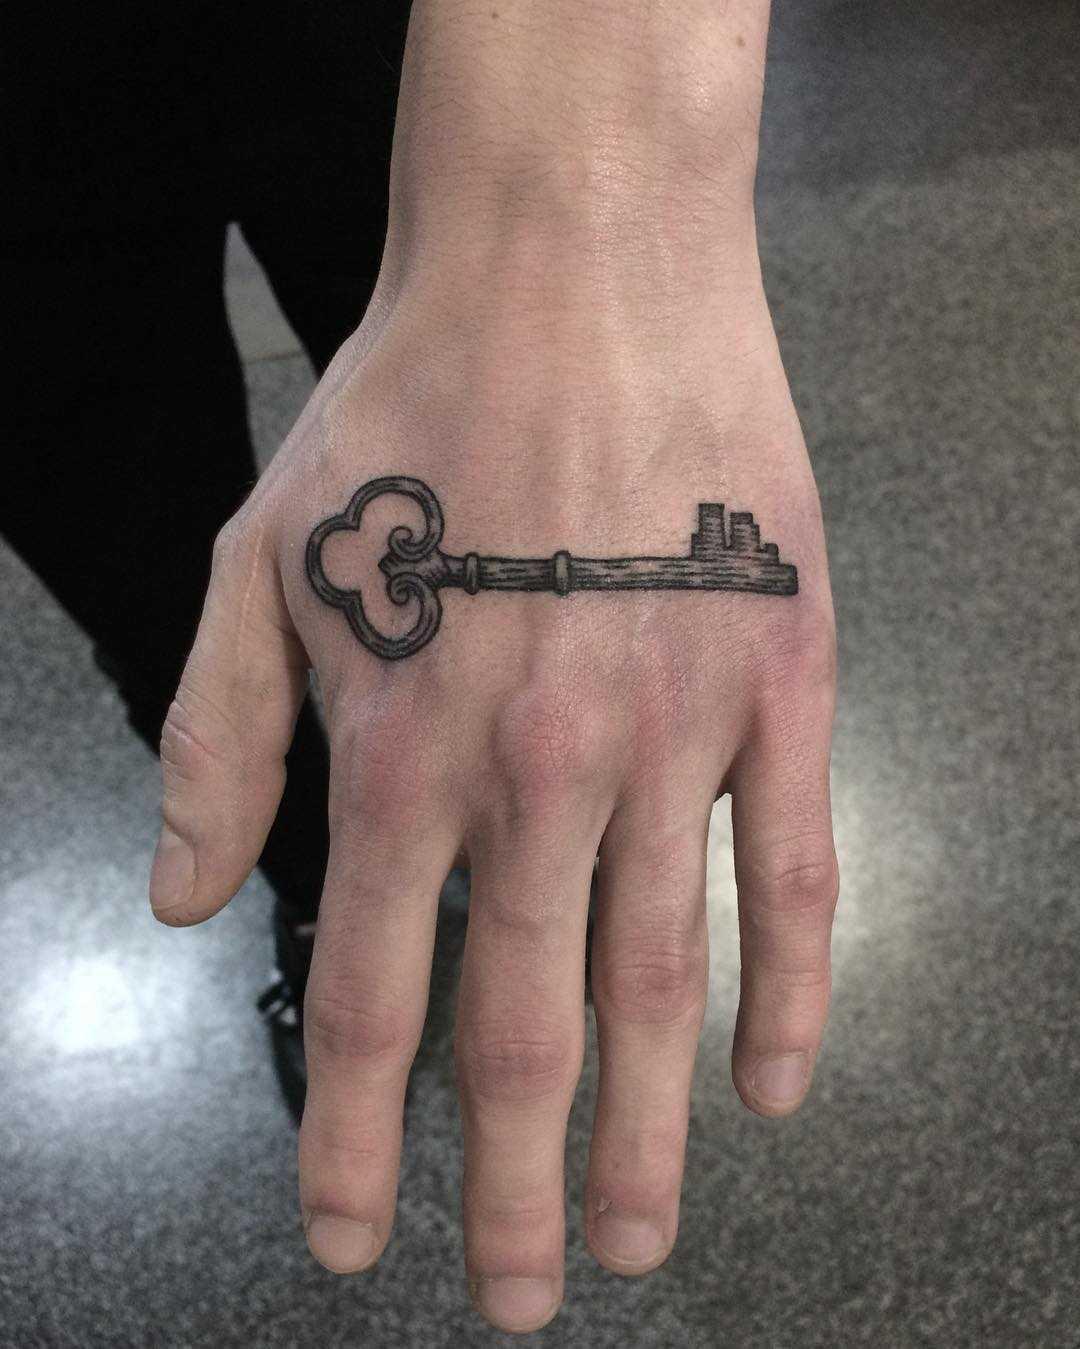 Key on a hand by @skrzyniarz_